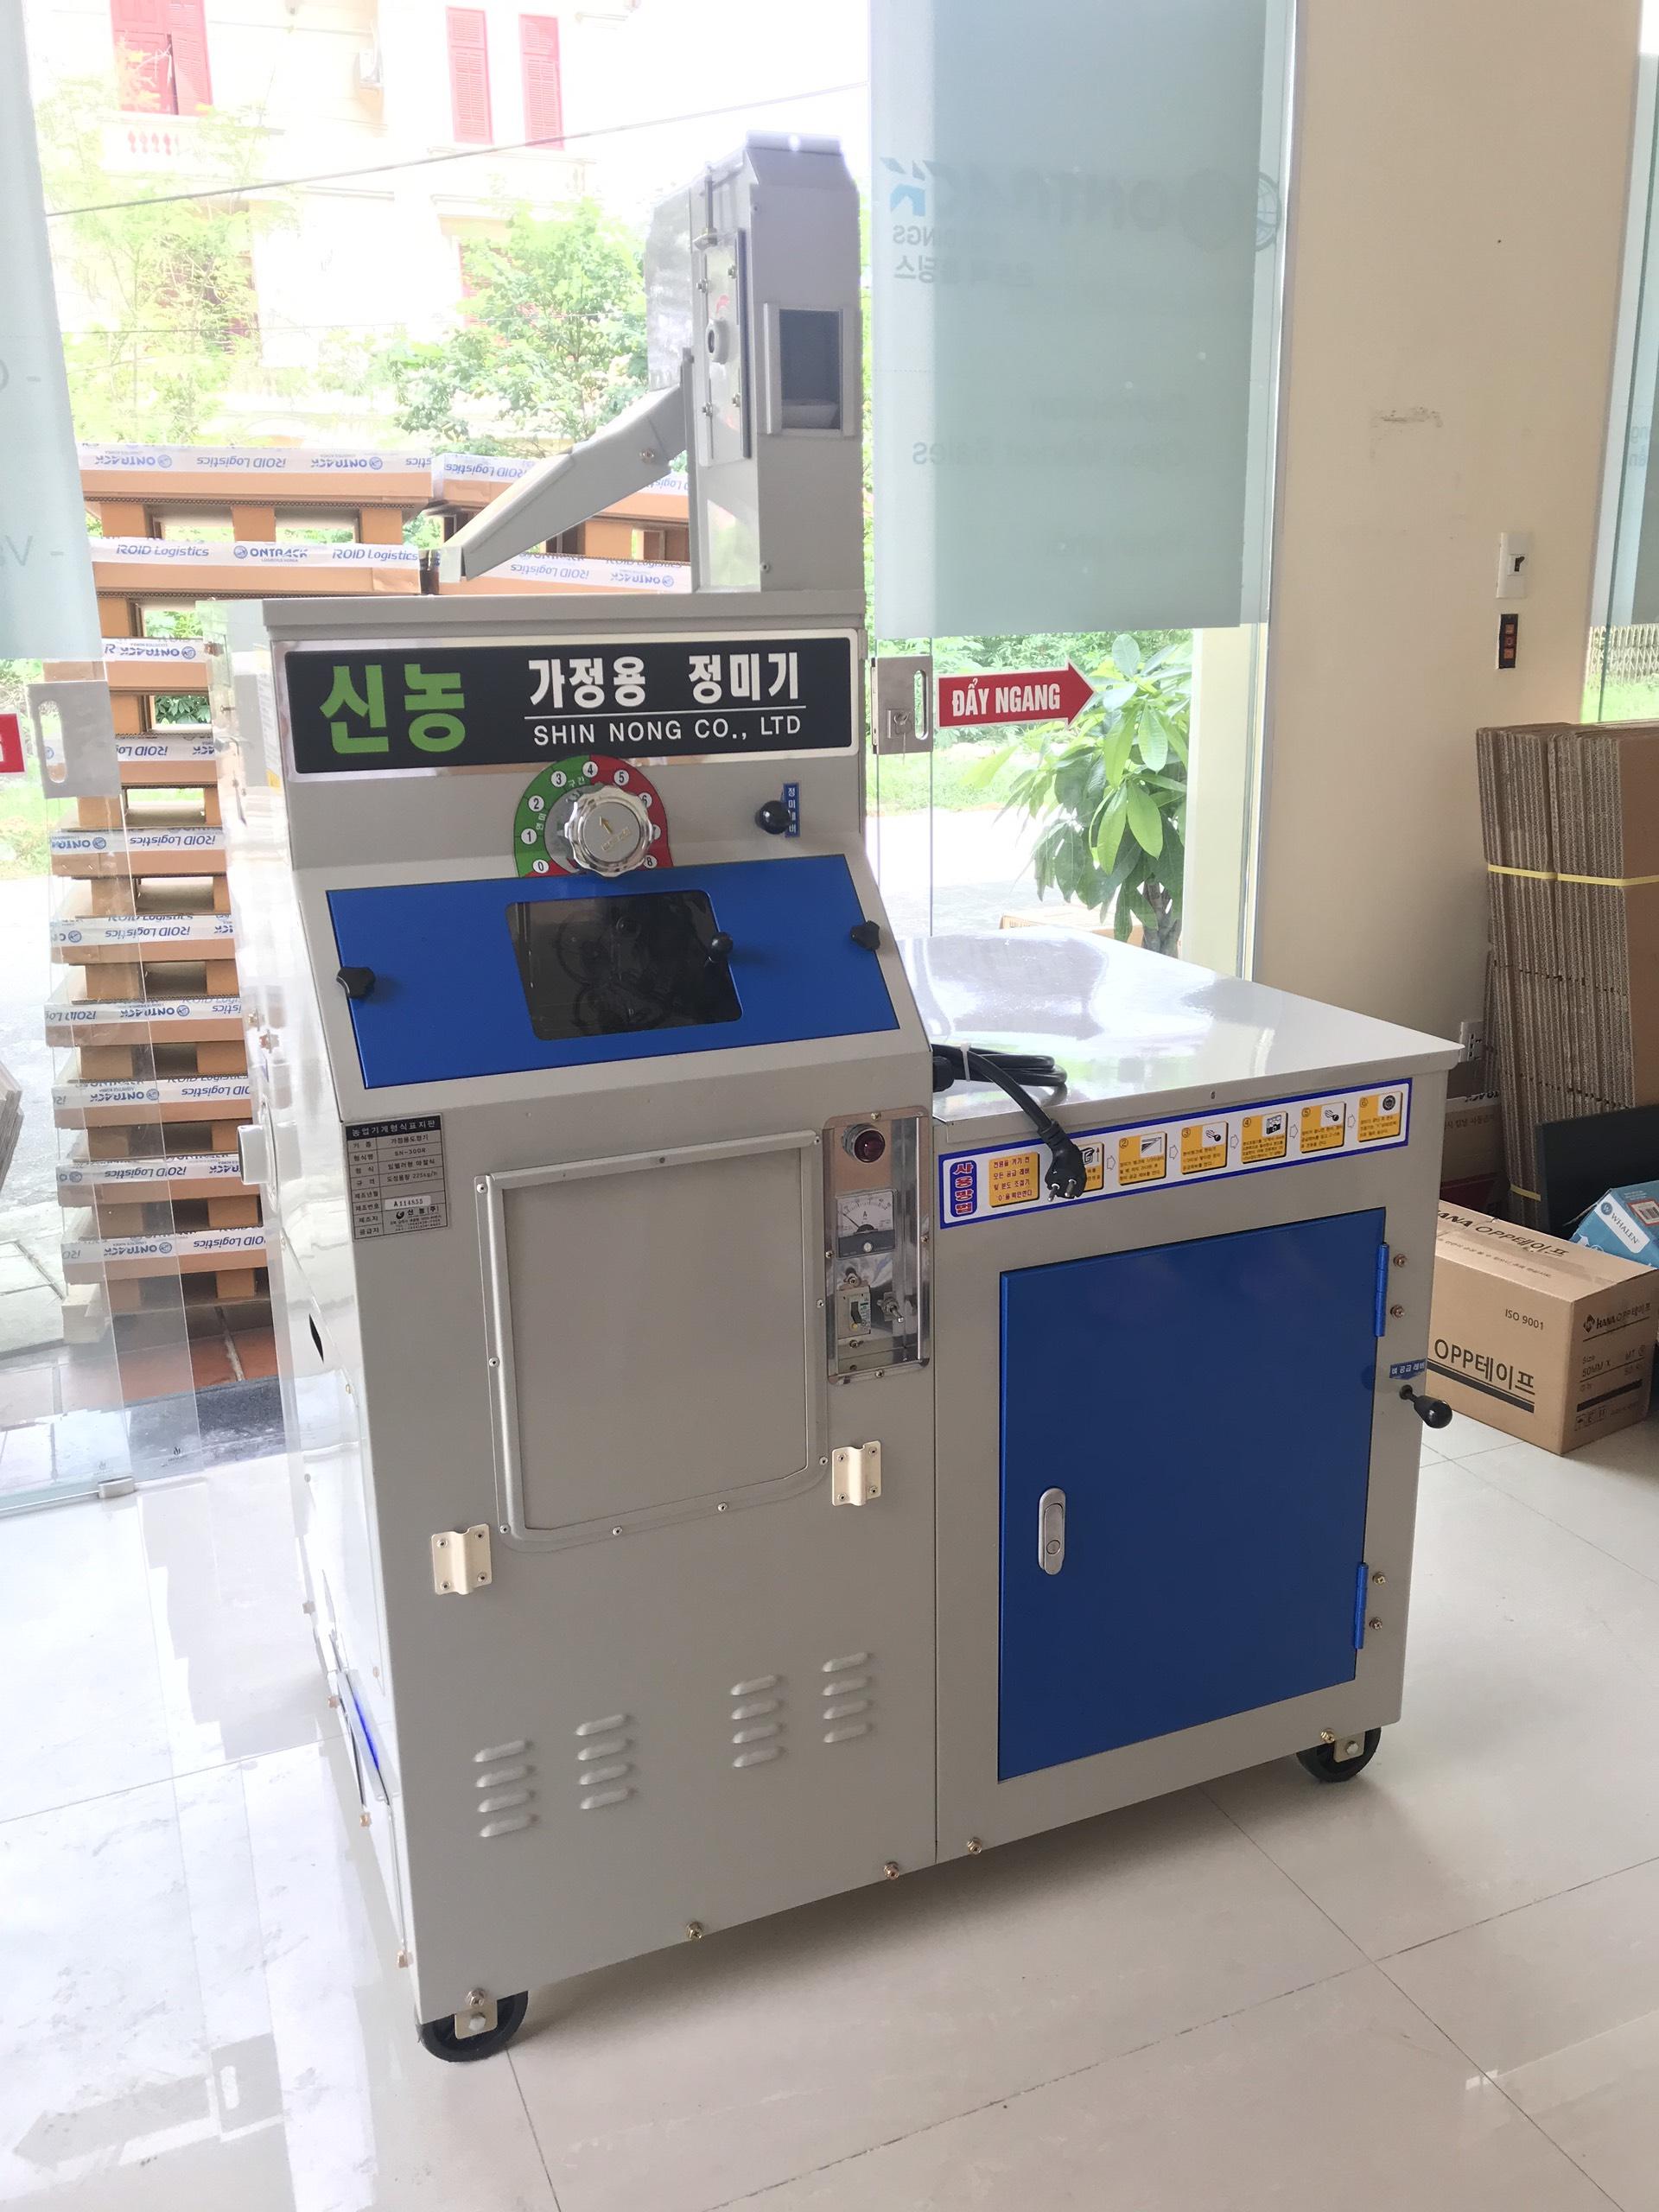 Máy xát gạo nhập khẩu Hàn Quốc Shinnong SN 300R hinh anh 1